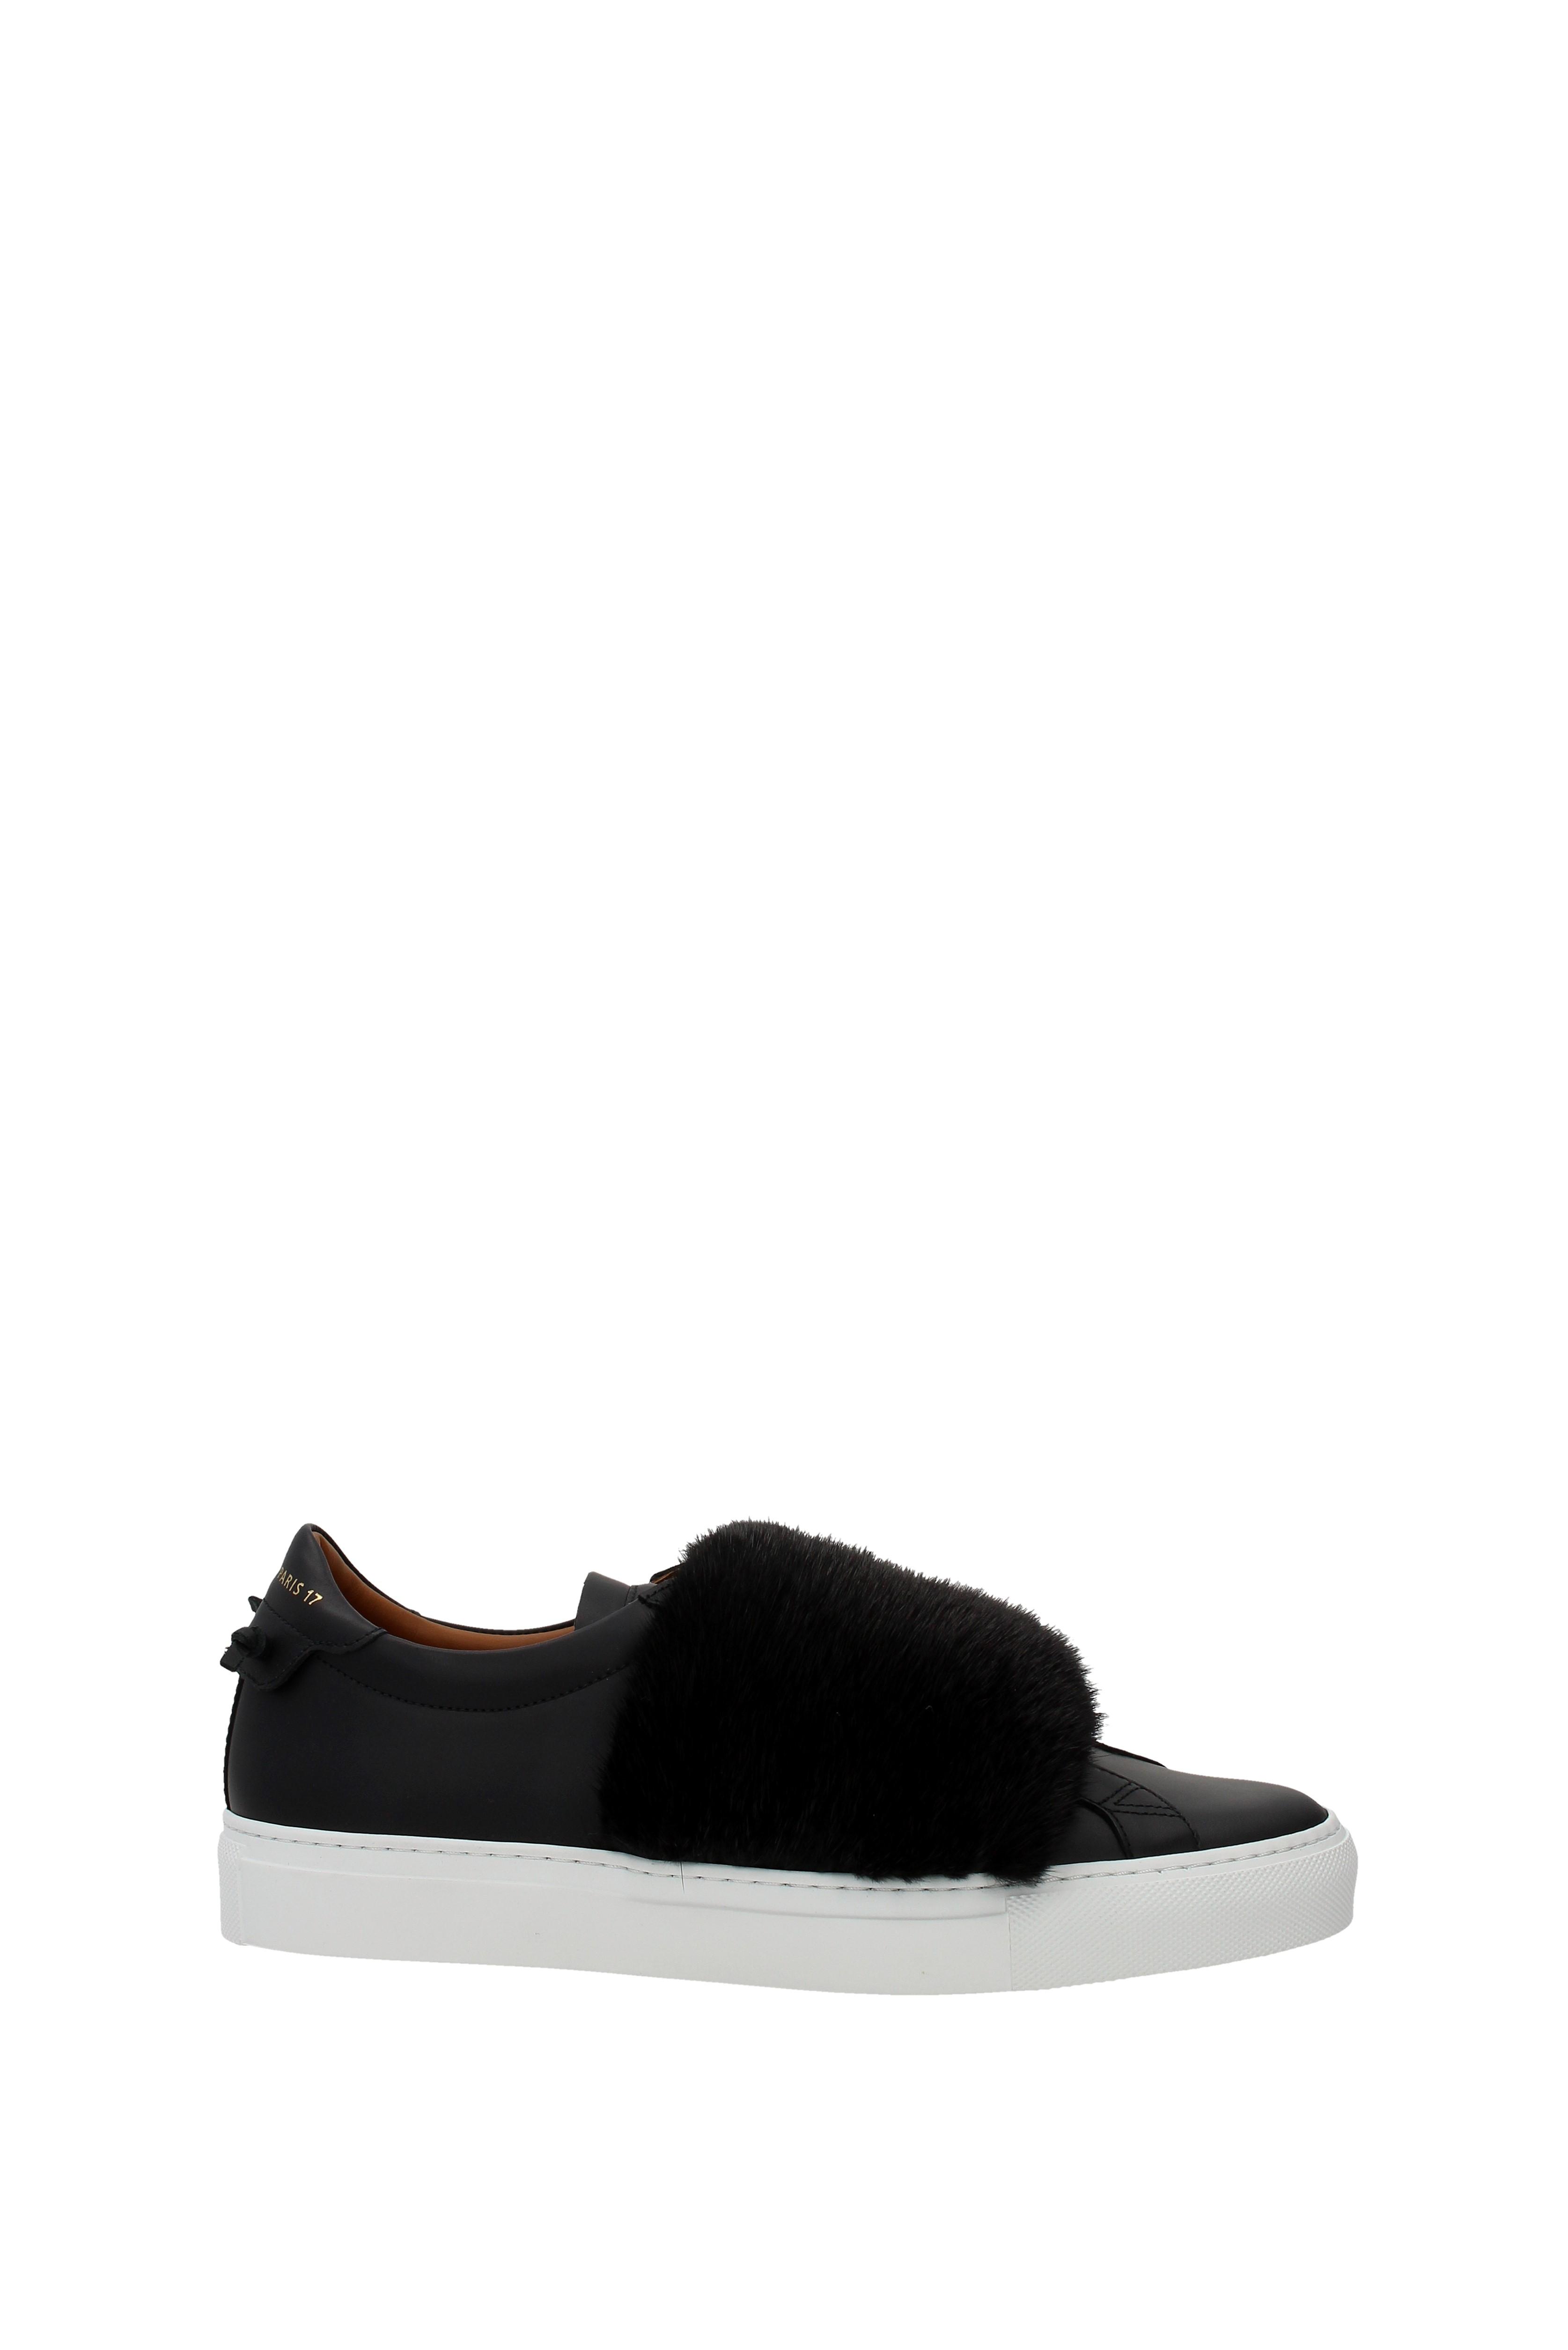 hot sale online a54e7 e6000 ... Zapatillas Givenchy hombre hombre hombre - Pelle (BM08337927) 3e4e98